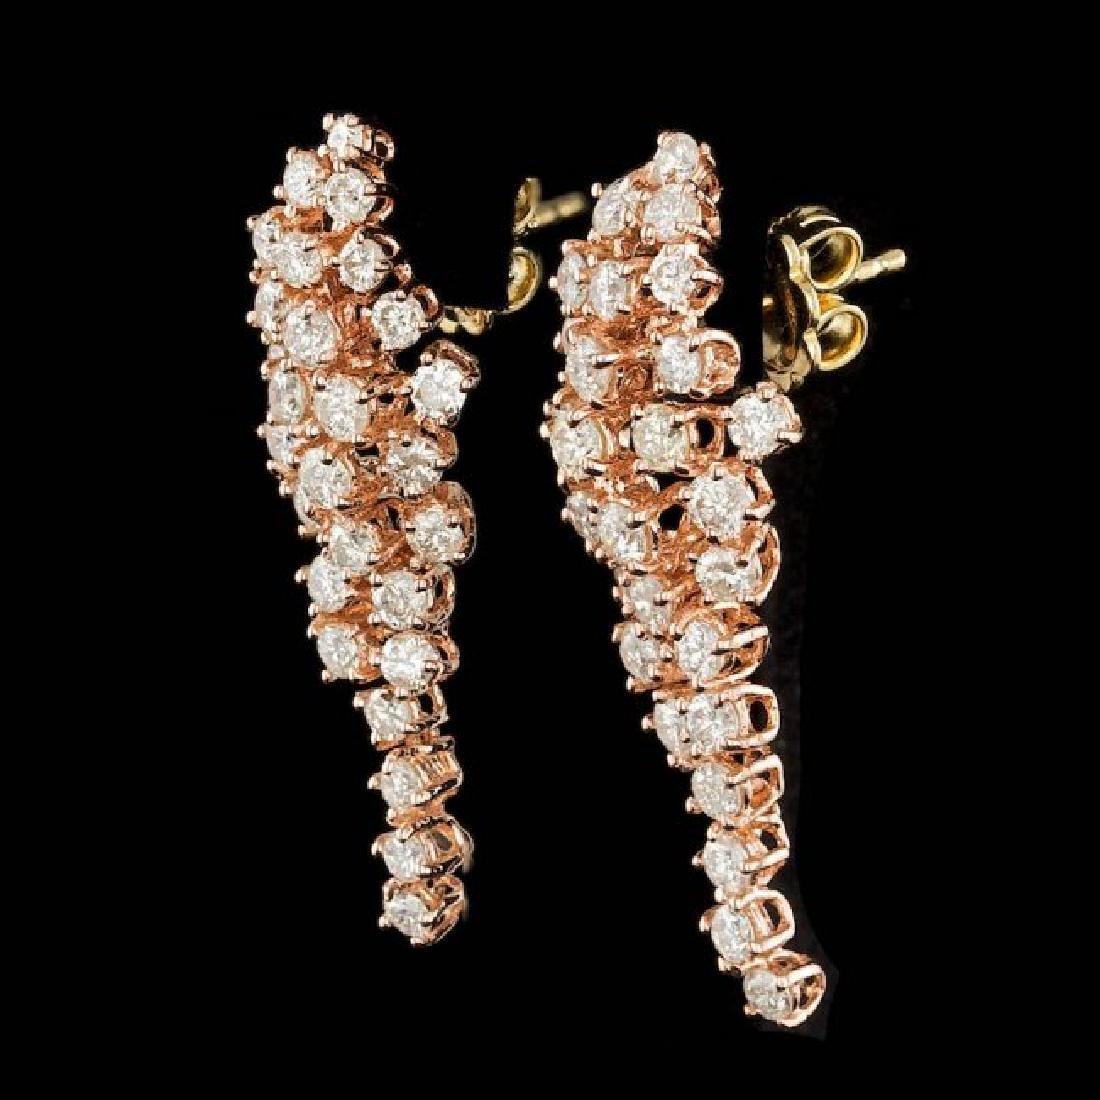 14k Rose Gold 3.00ct Diamond Earrings - 2